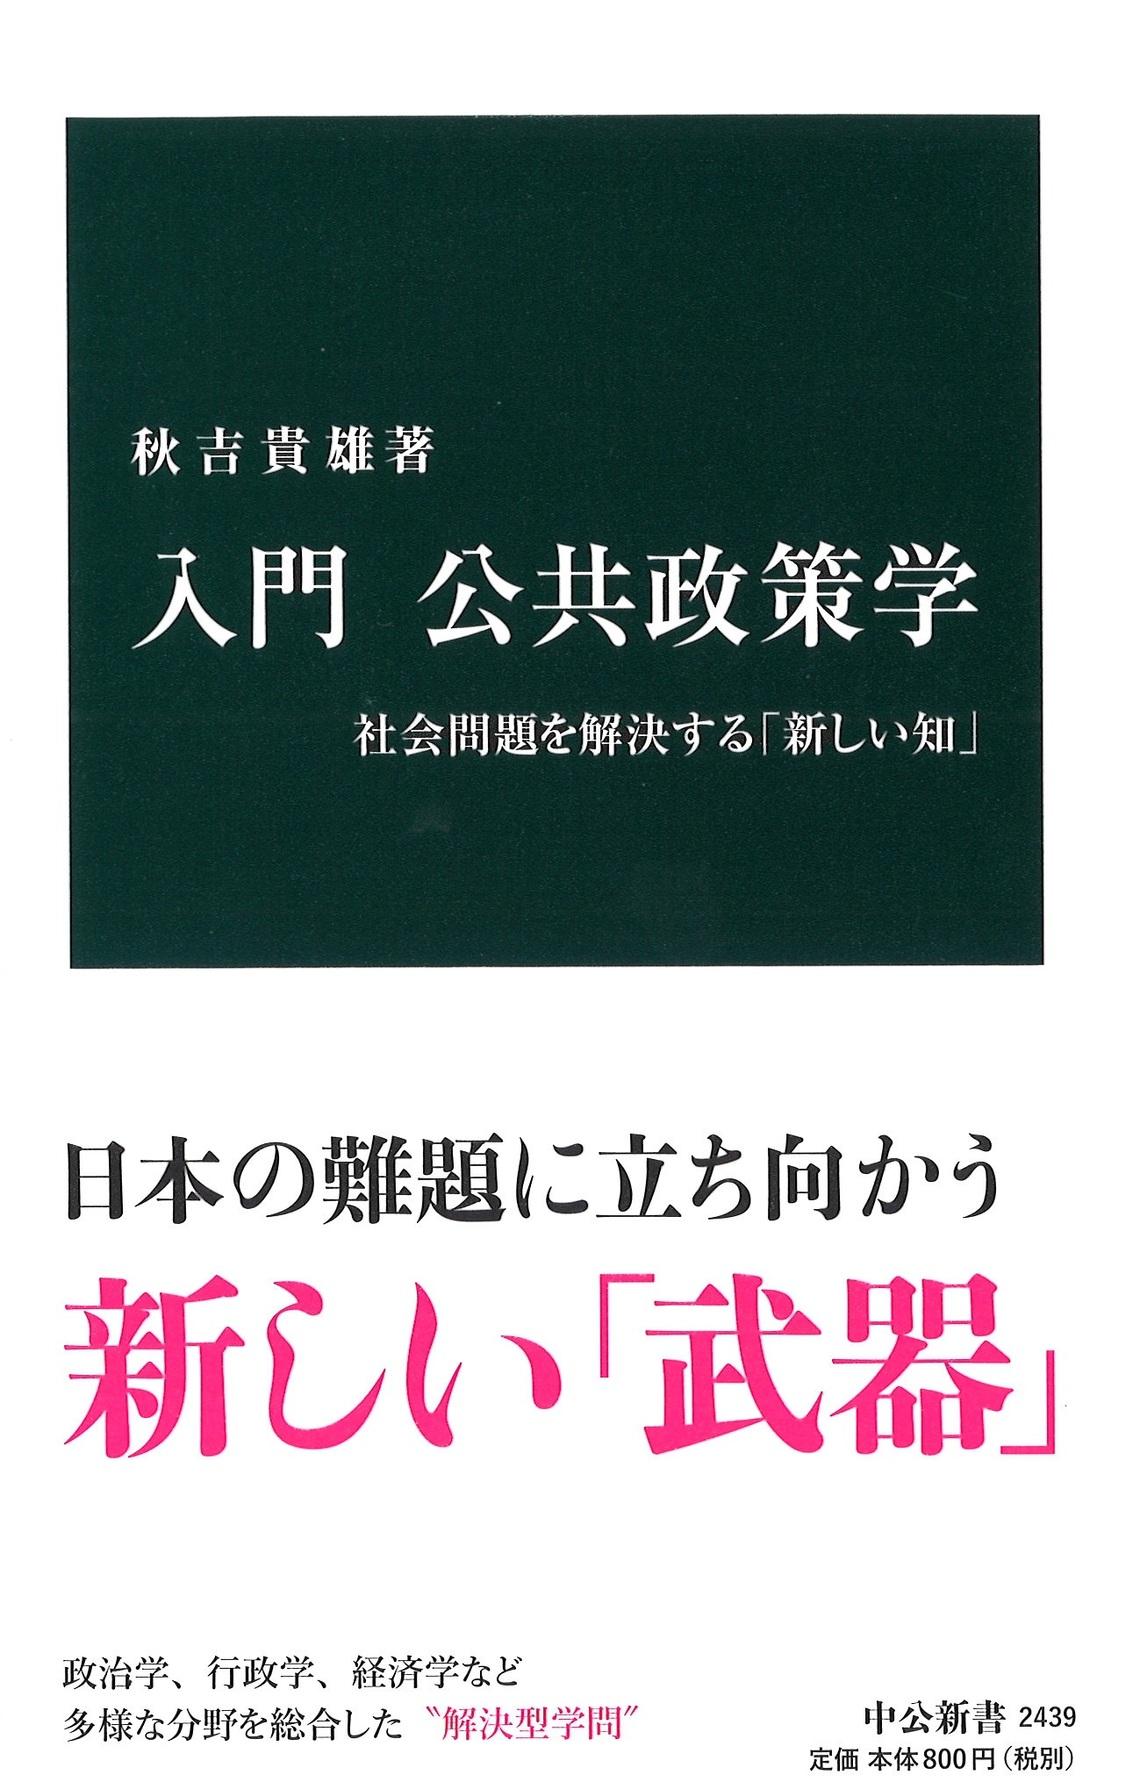 『入門 公共政策学‐社会問題を解決する「新しい知」』